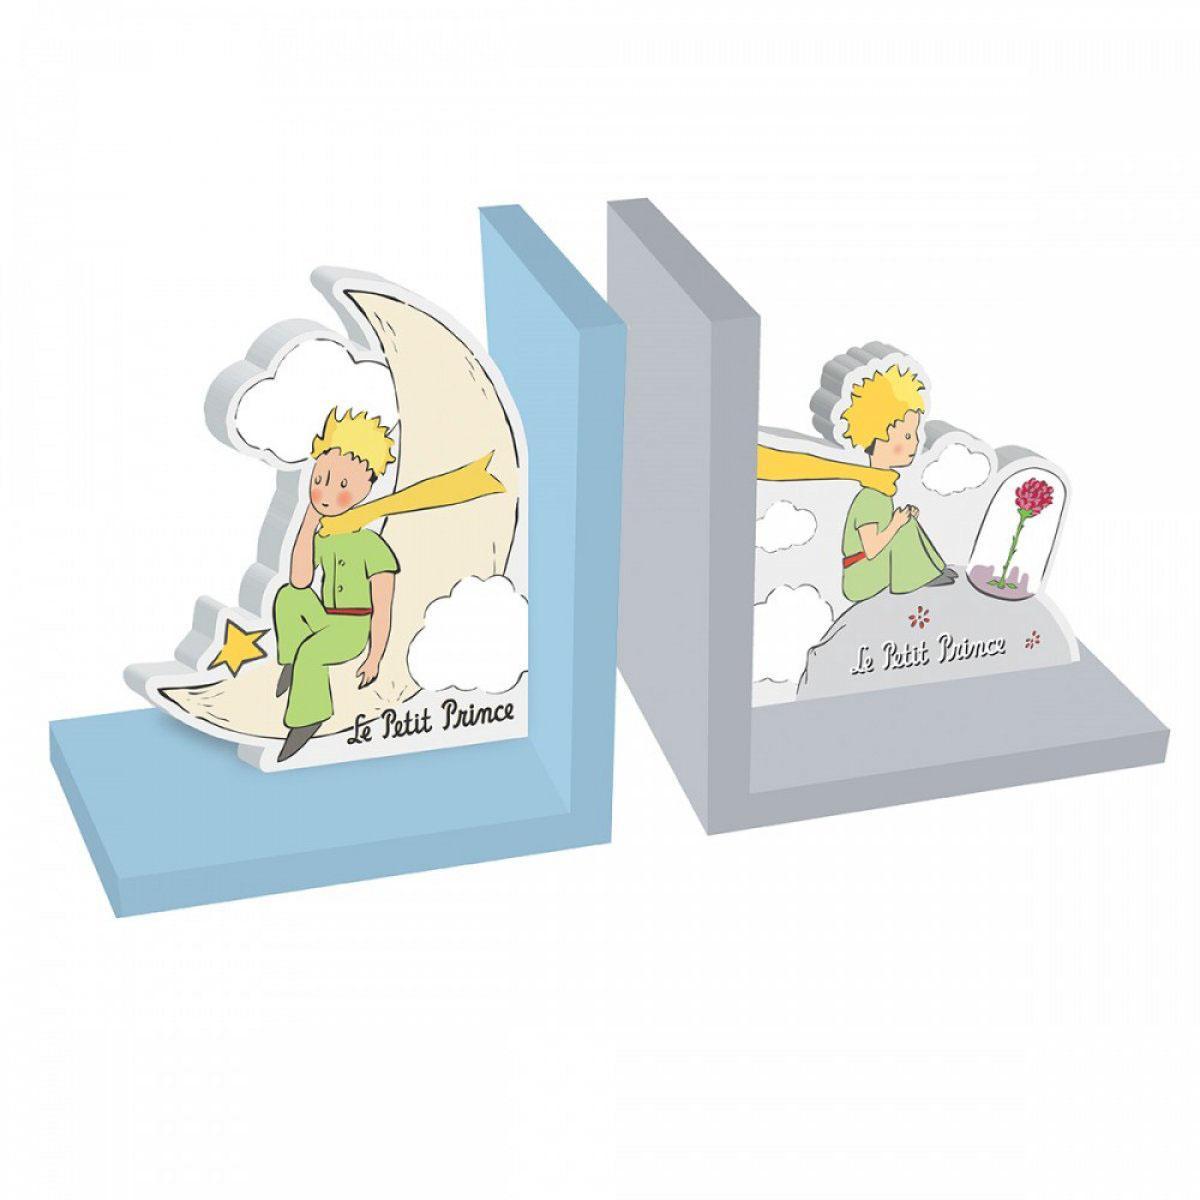 Serre-livres bois \'Le Petit Prince\' bleu gris - chacun 15x135x9 cm - [A2802]